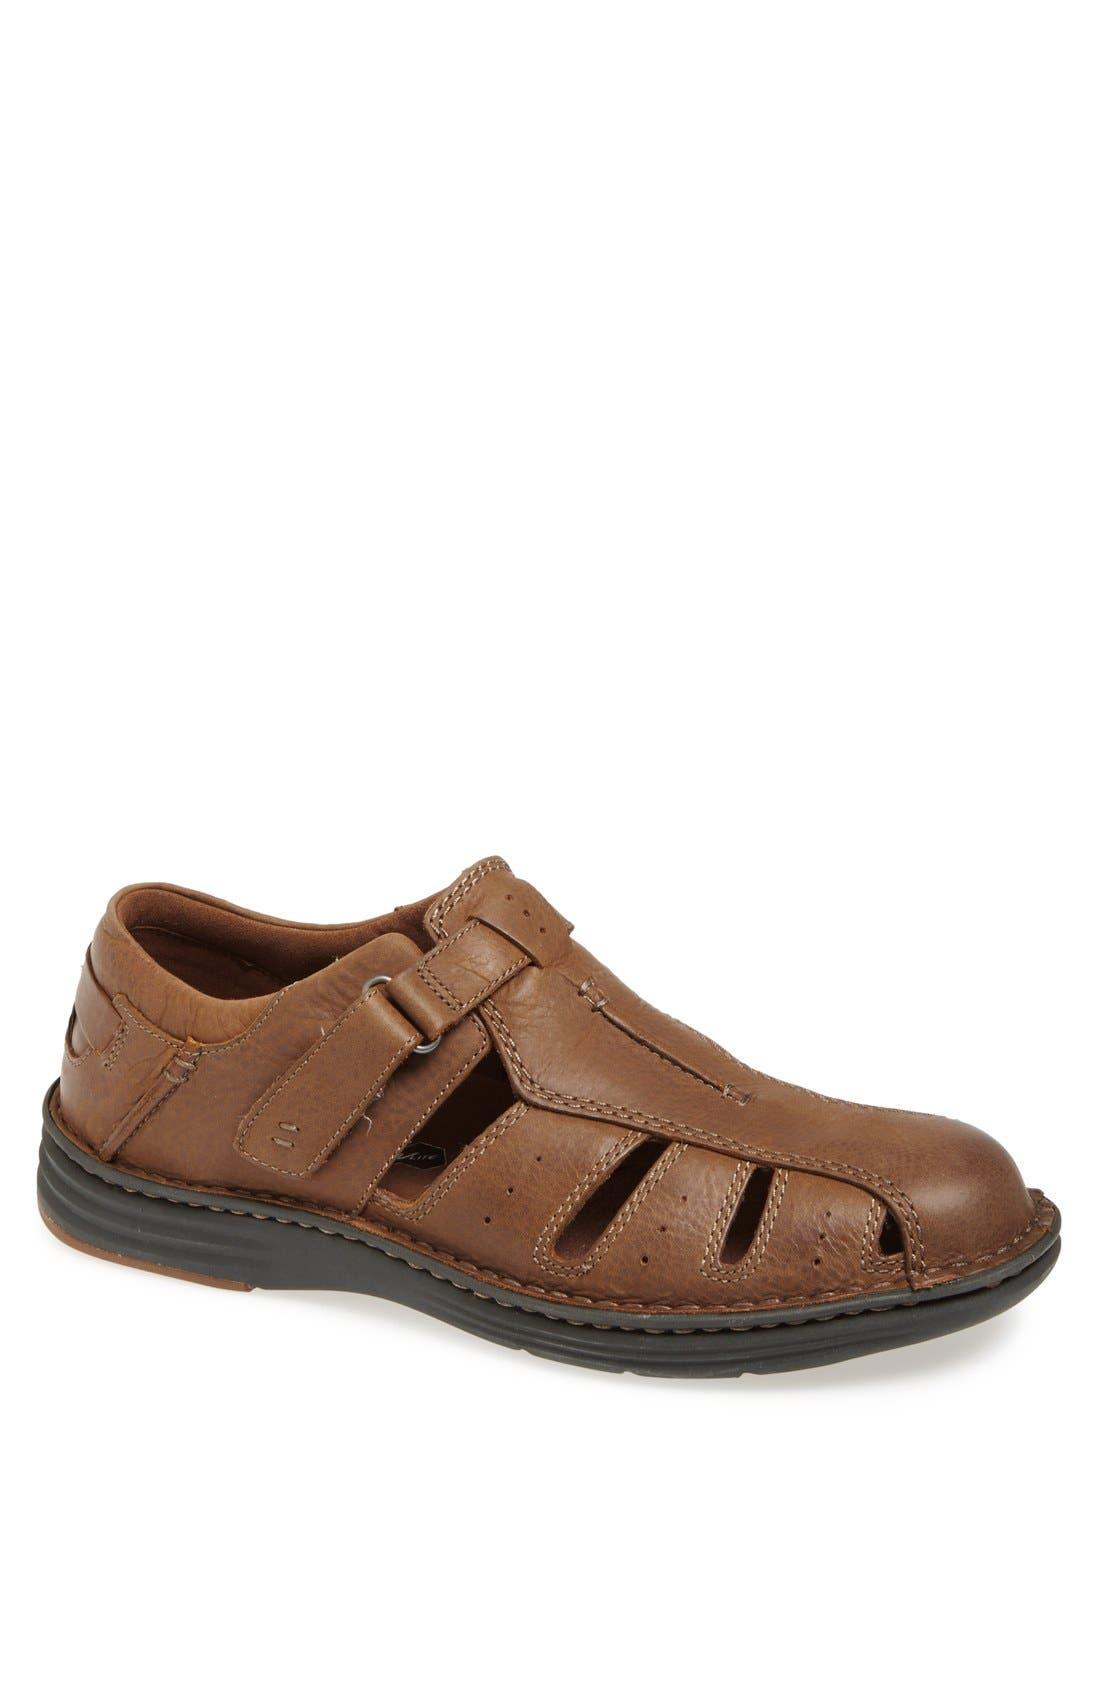 Alternate Image 1 Selected - Dunham 'REVChamp' Sandal (Men)